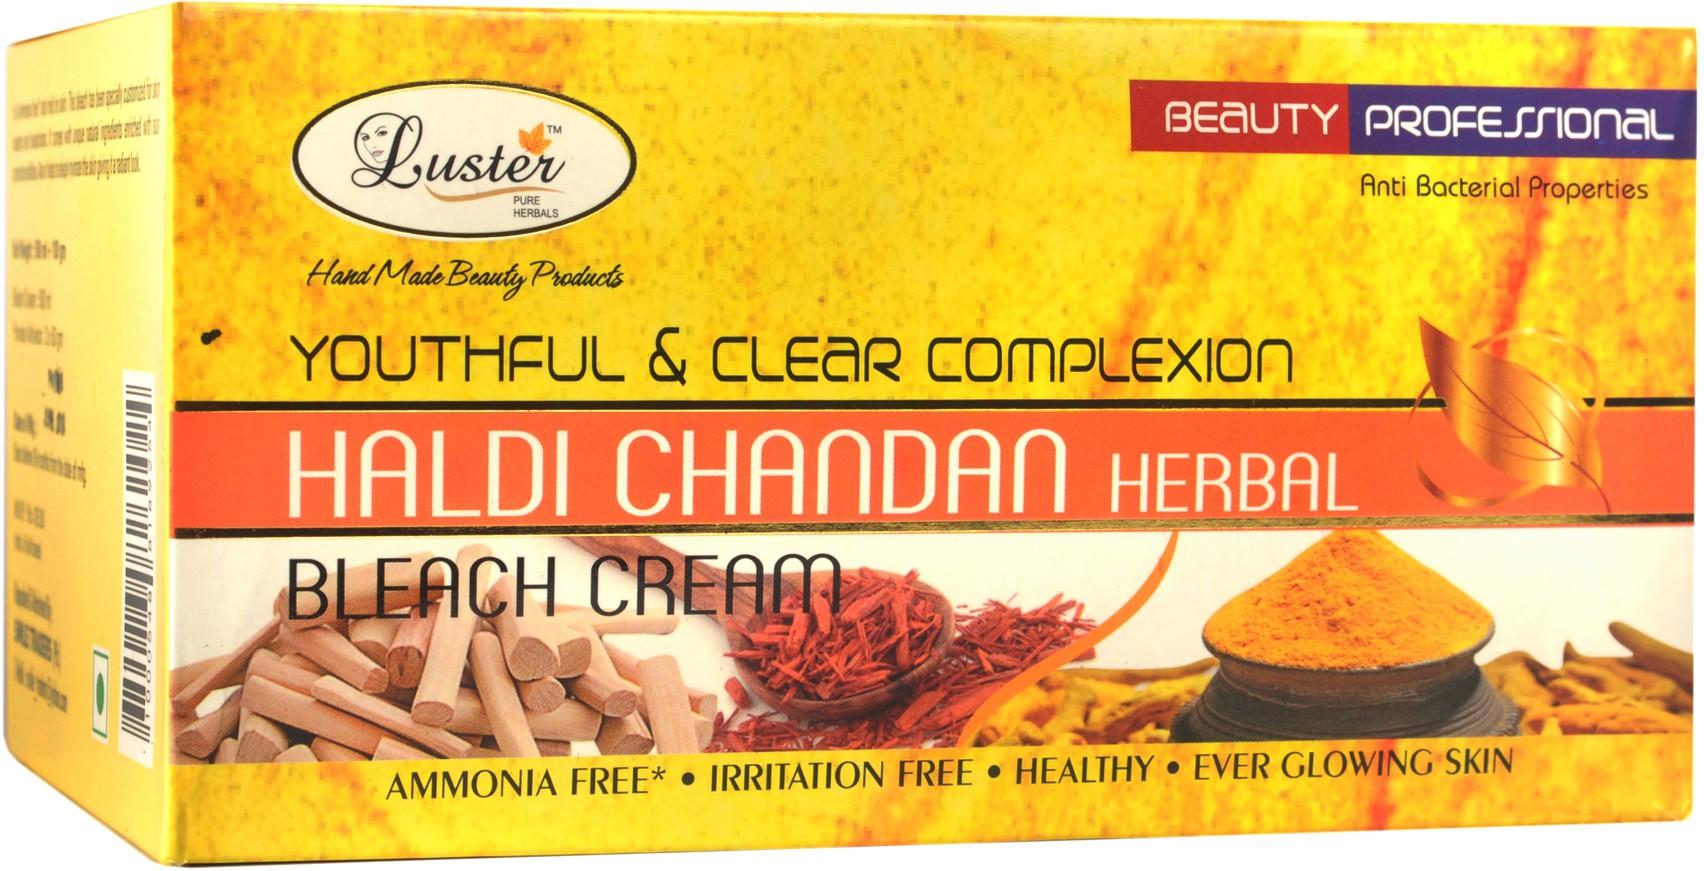 Luster Youthful & Clear Complexion Haldi Chandan Bleach Cream (with Pre Bleach Cream & Post Bleach Pack) Cream(500 ml)